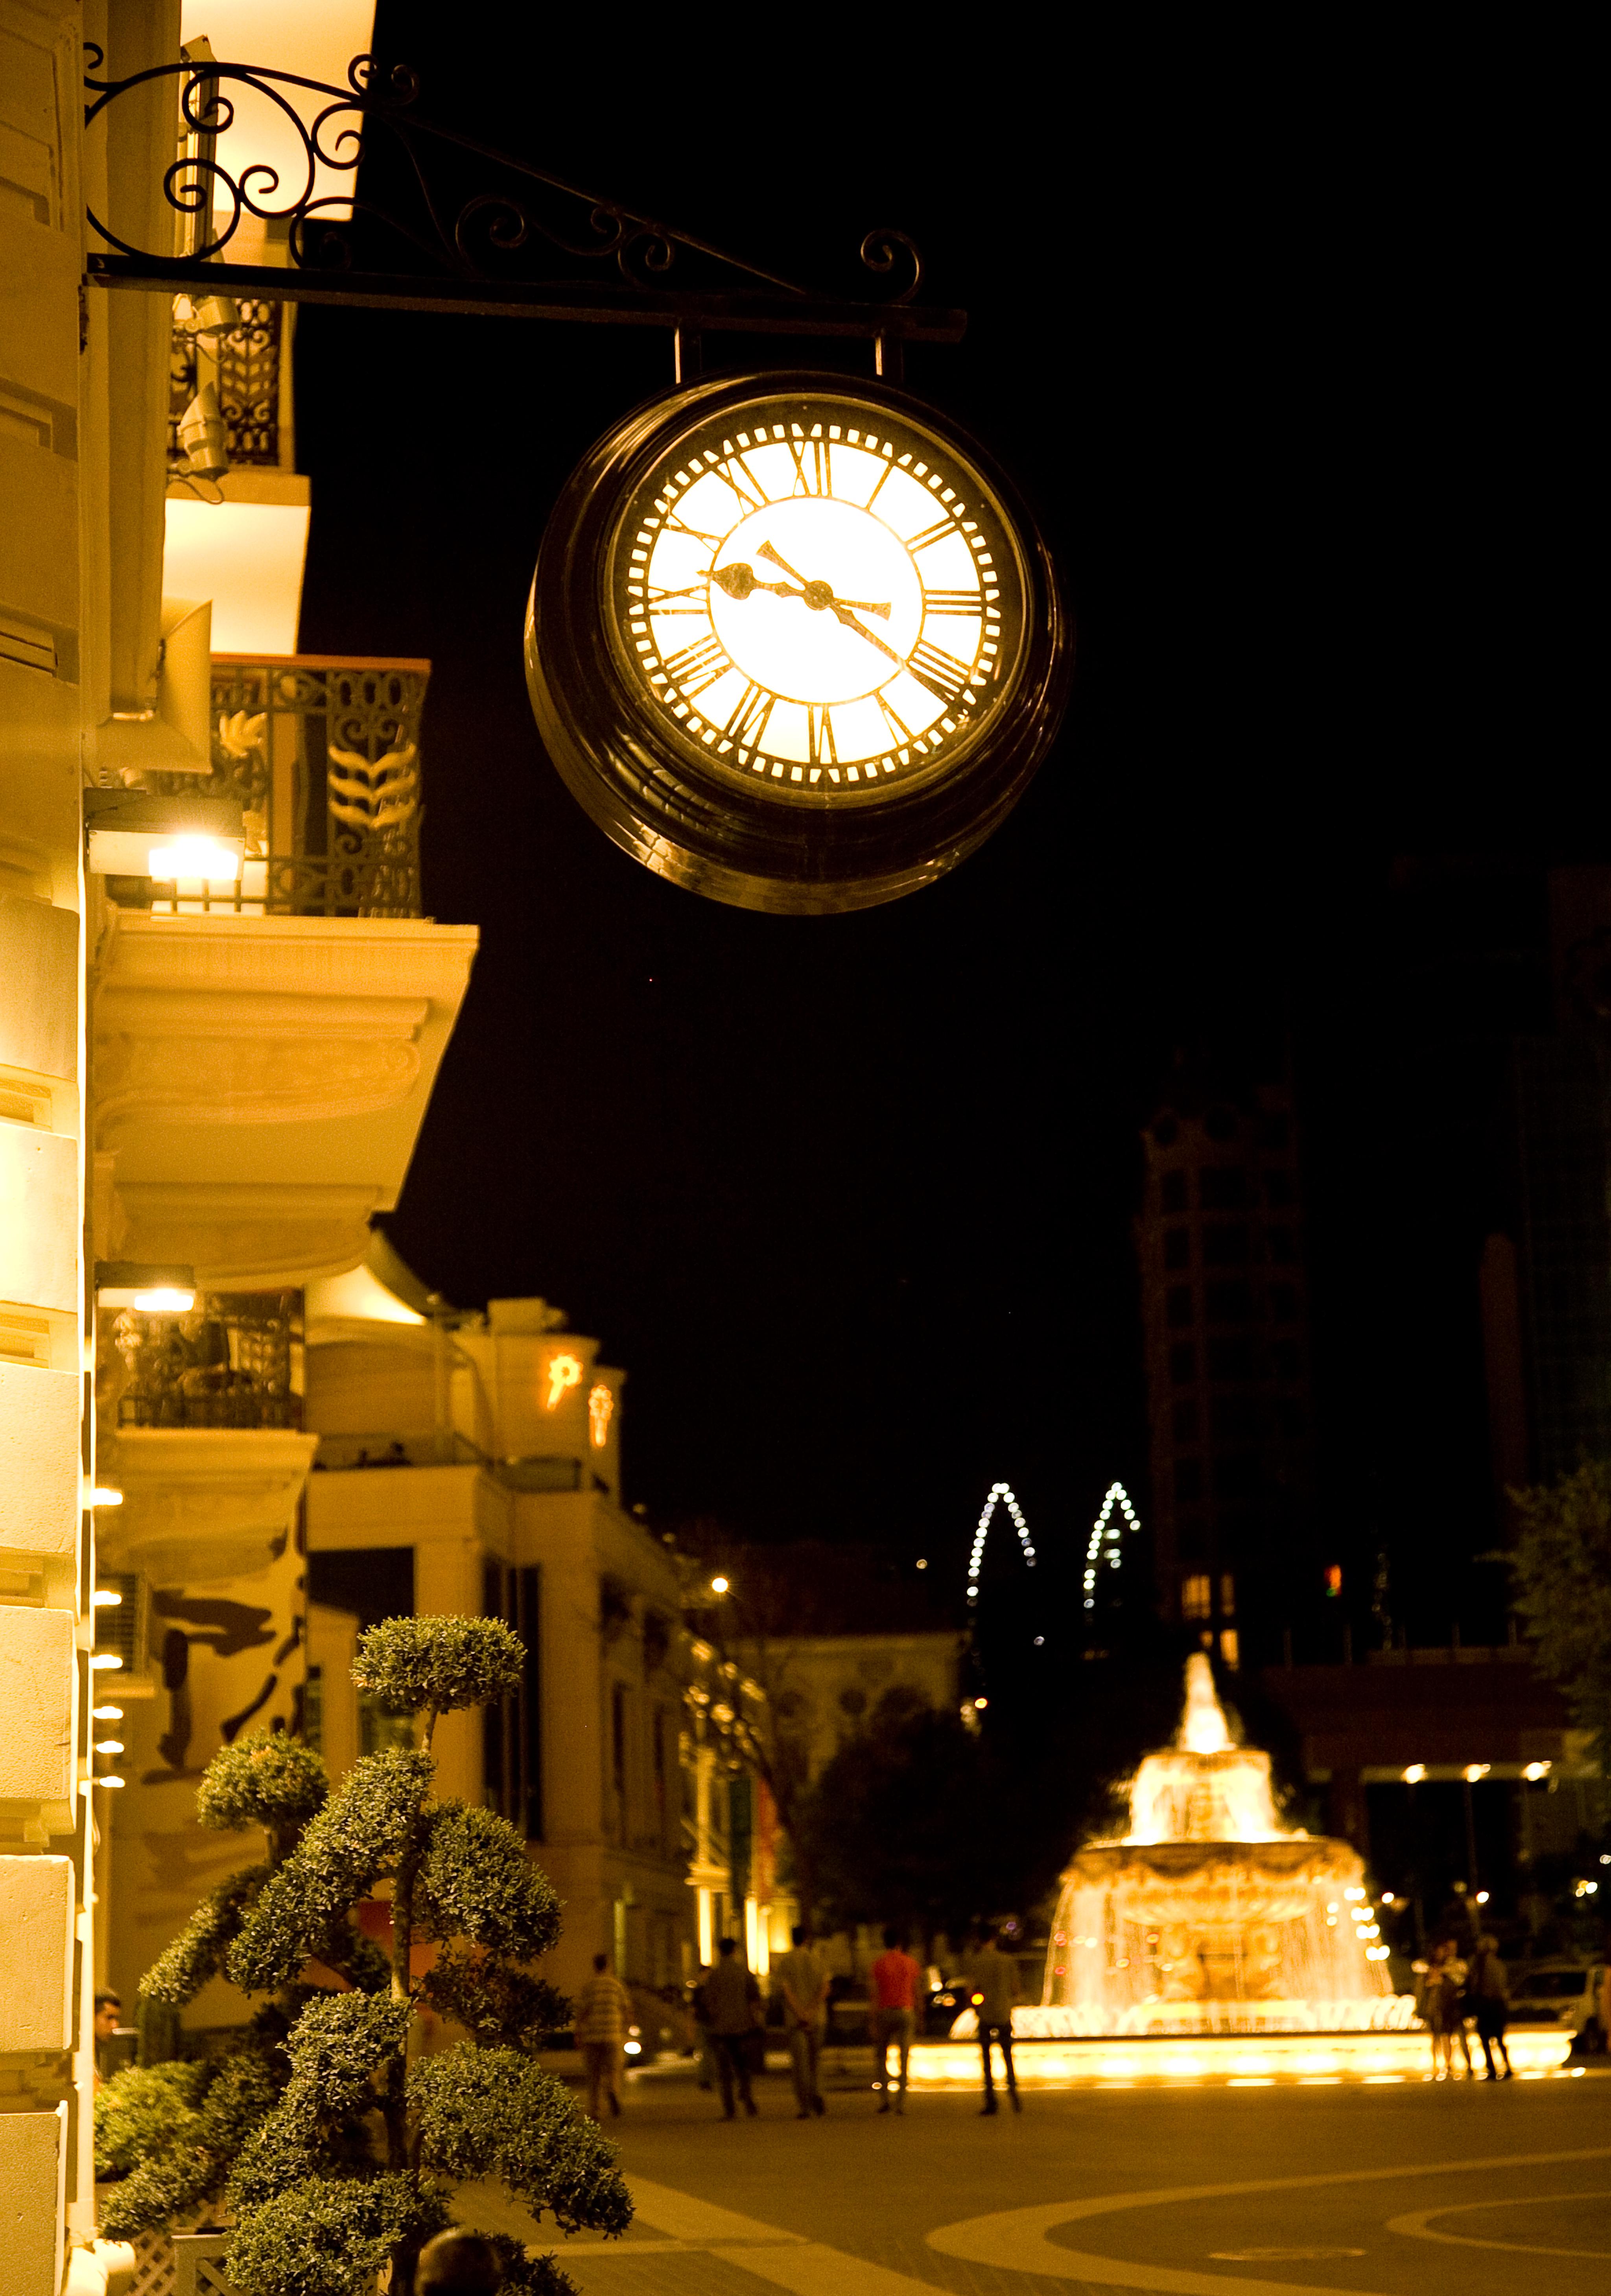 Illuminated drum clock